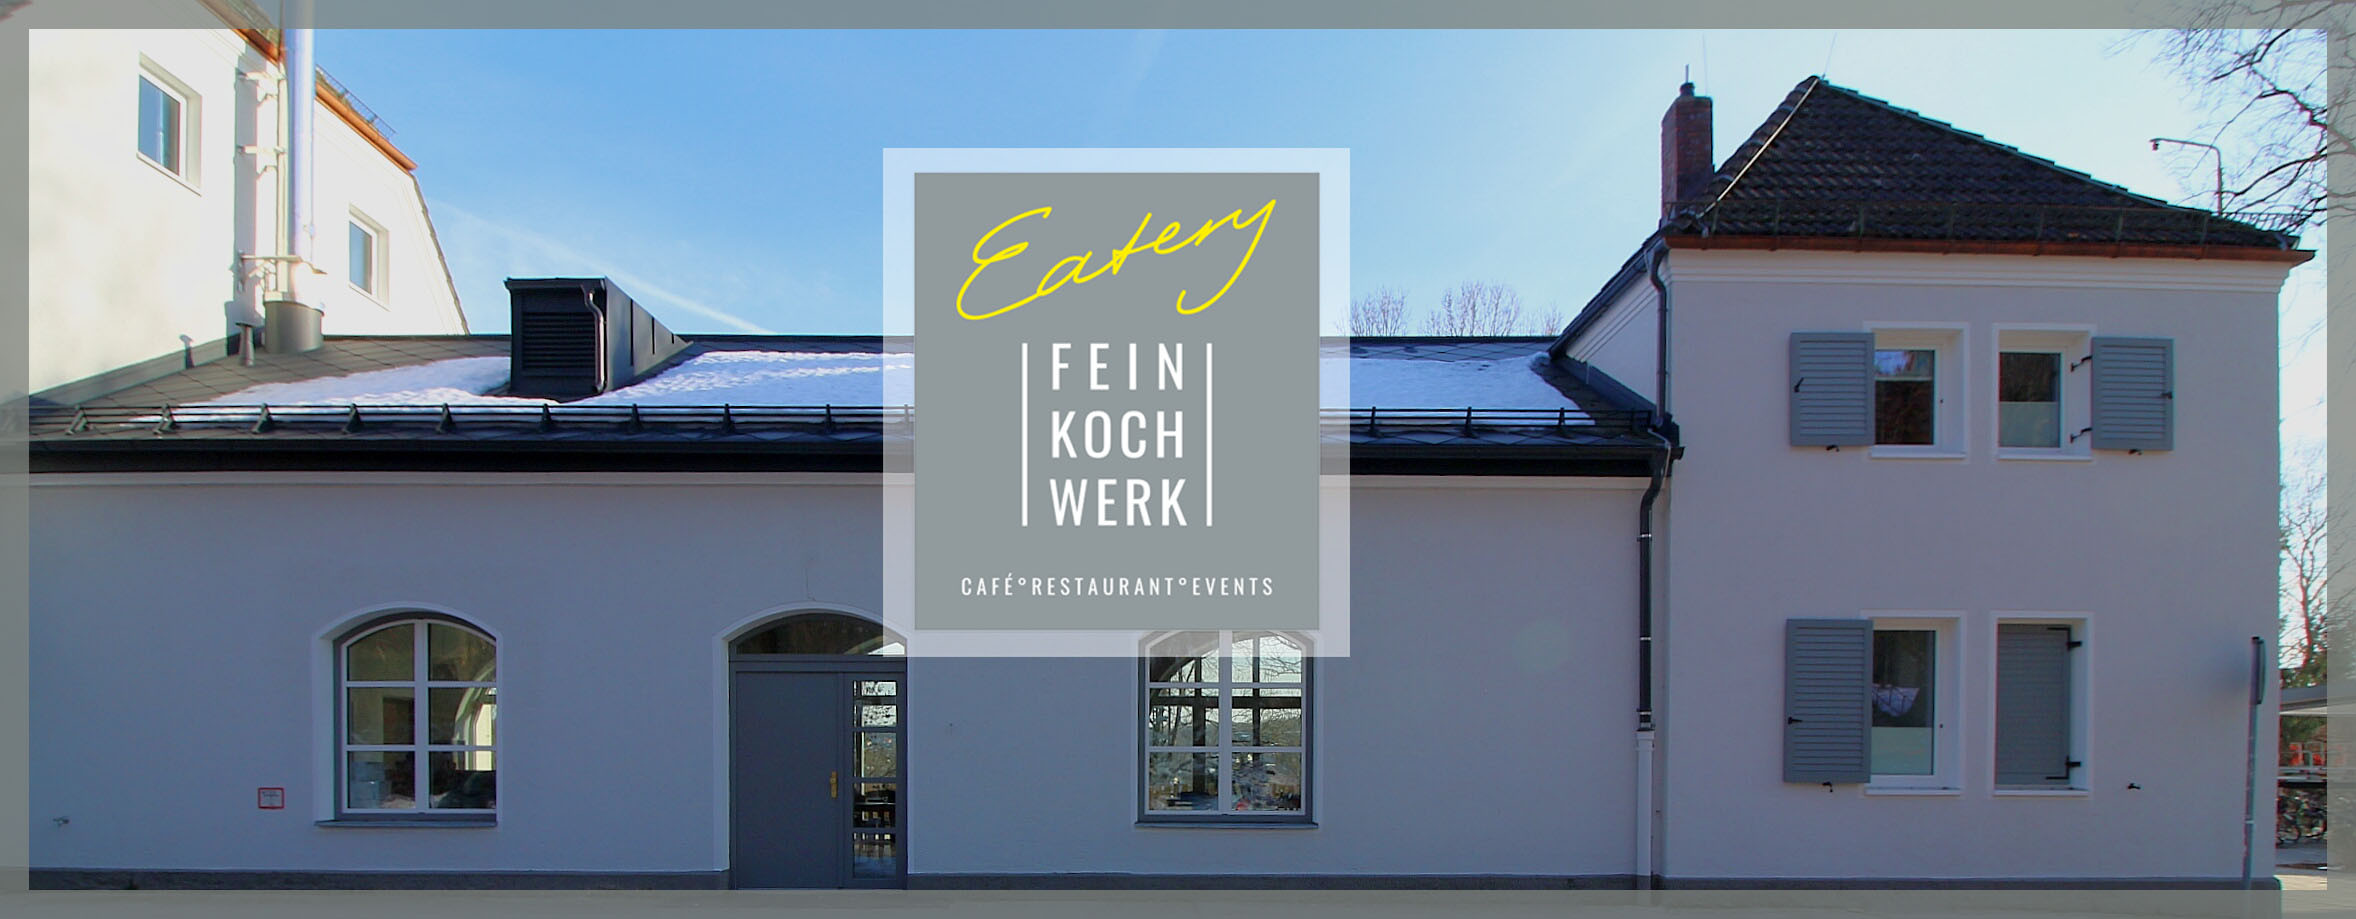 Feinkochwerk - Eatery